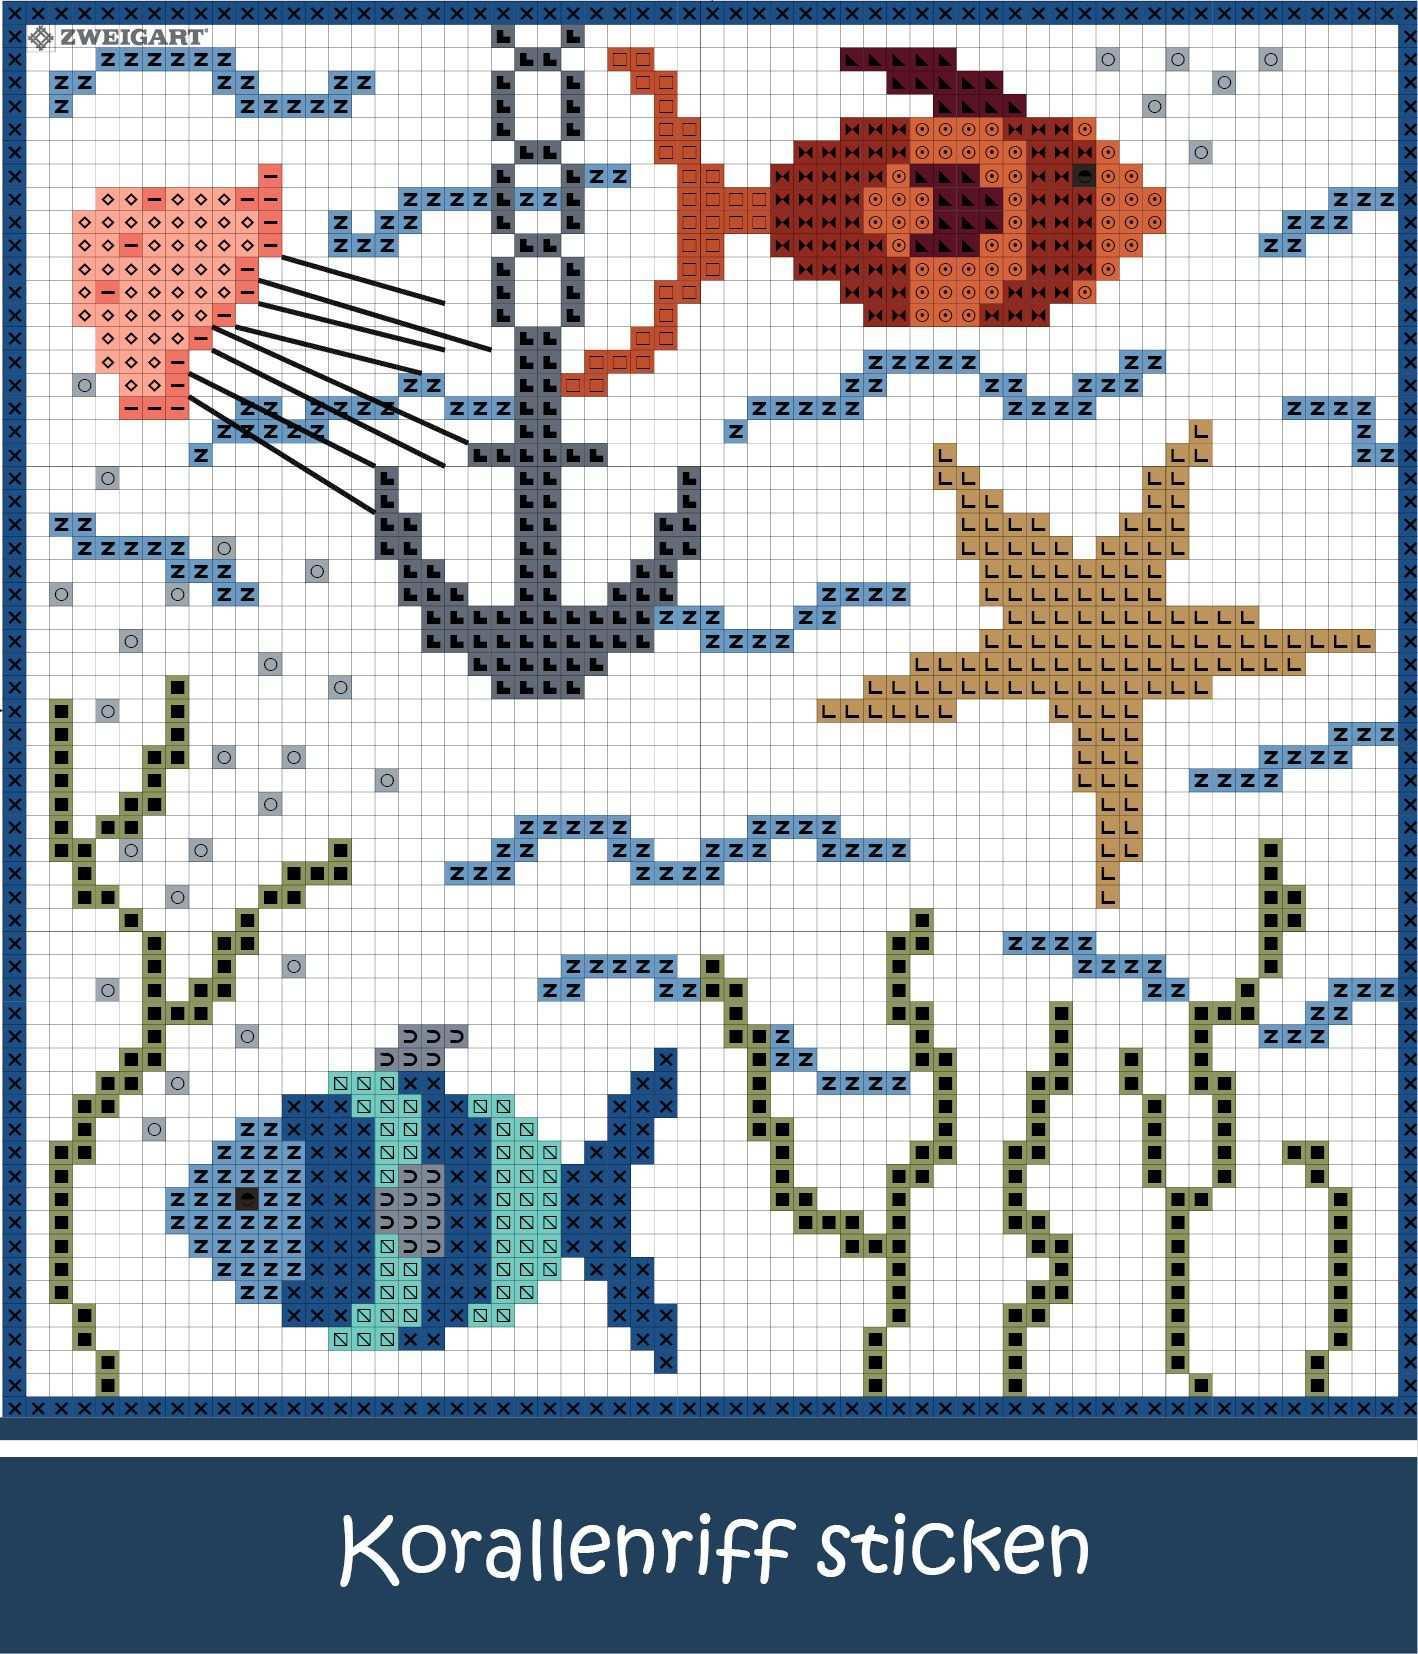 Korallenriff Mit Fischen Sticken Entdecke Zahlreiche Kostenlose Charts Zum Sticken Sticken Alphabet Sticken Stickmuster